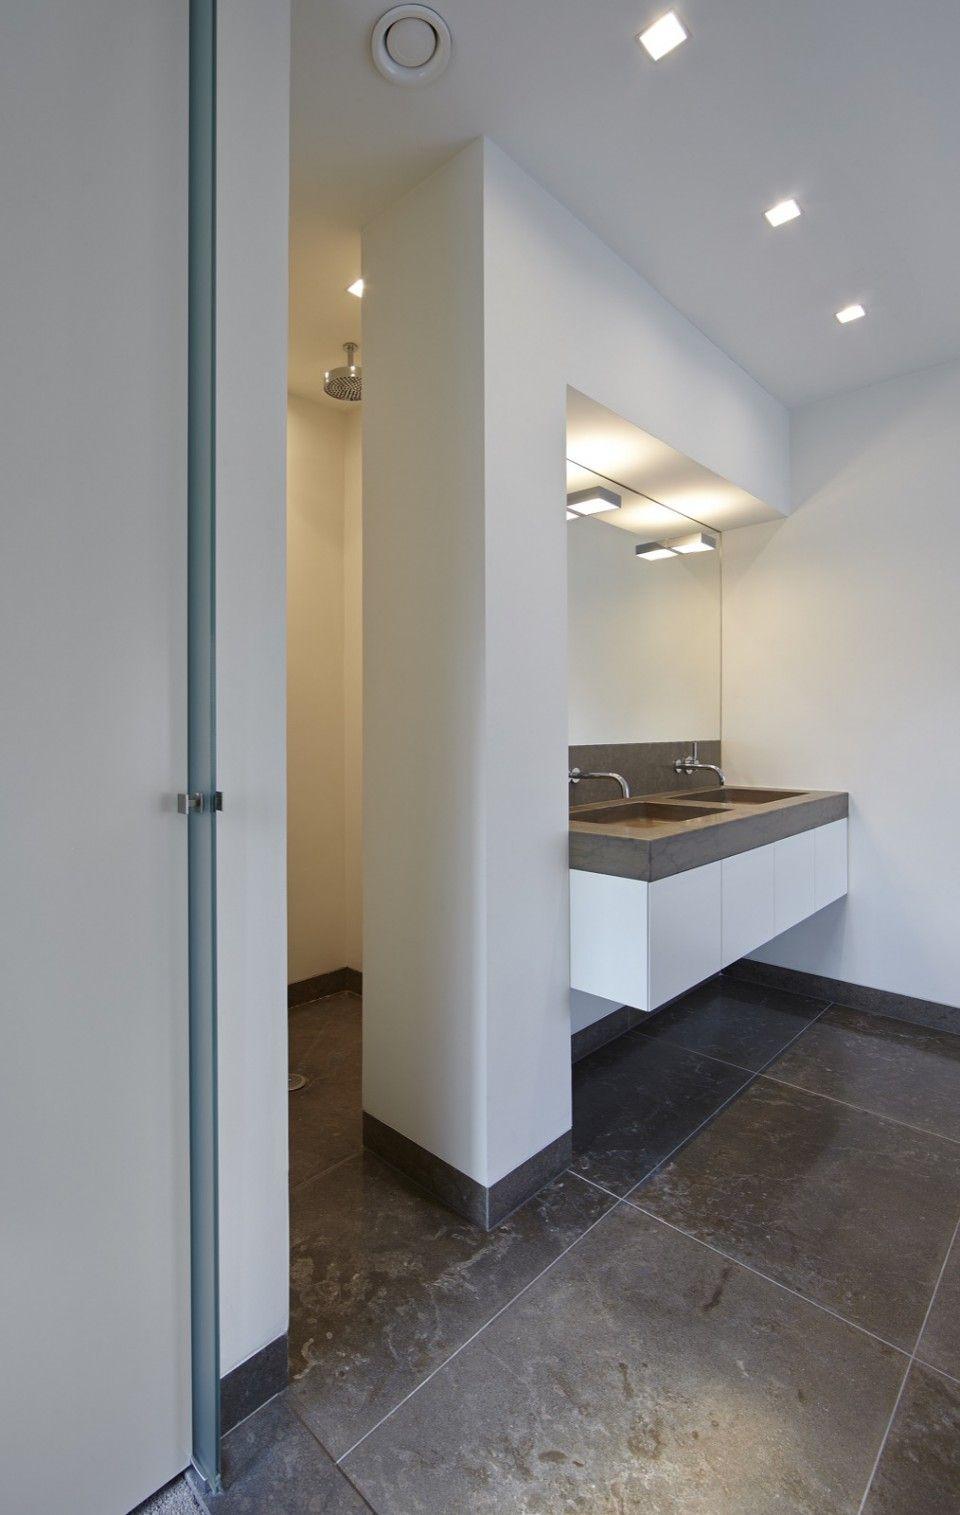 badkamers luxe badkamer ideeà n design badkamers bathroom